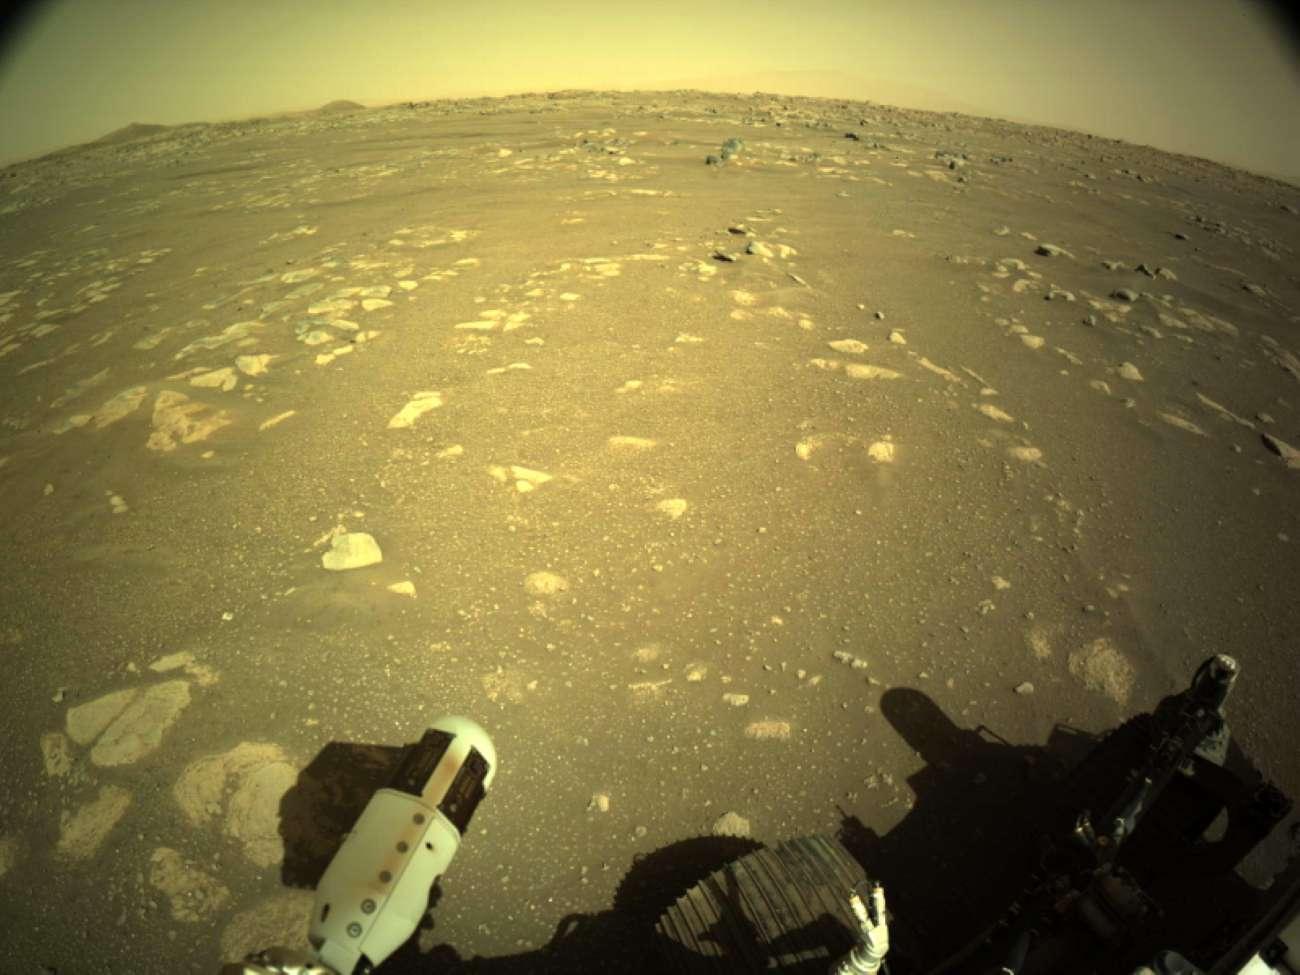 Марсоход Perseverance впервые после посадки проехал по поверхности планеты - фото 3